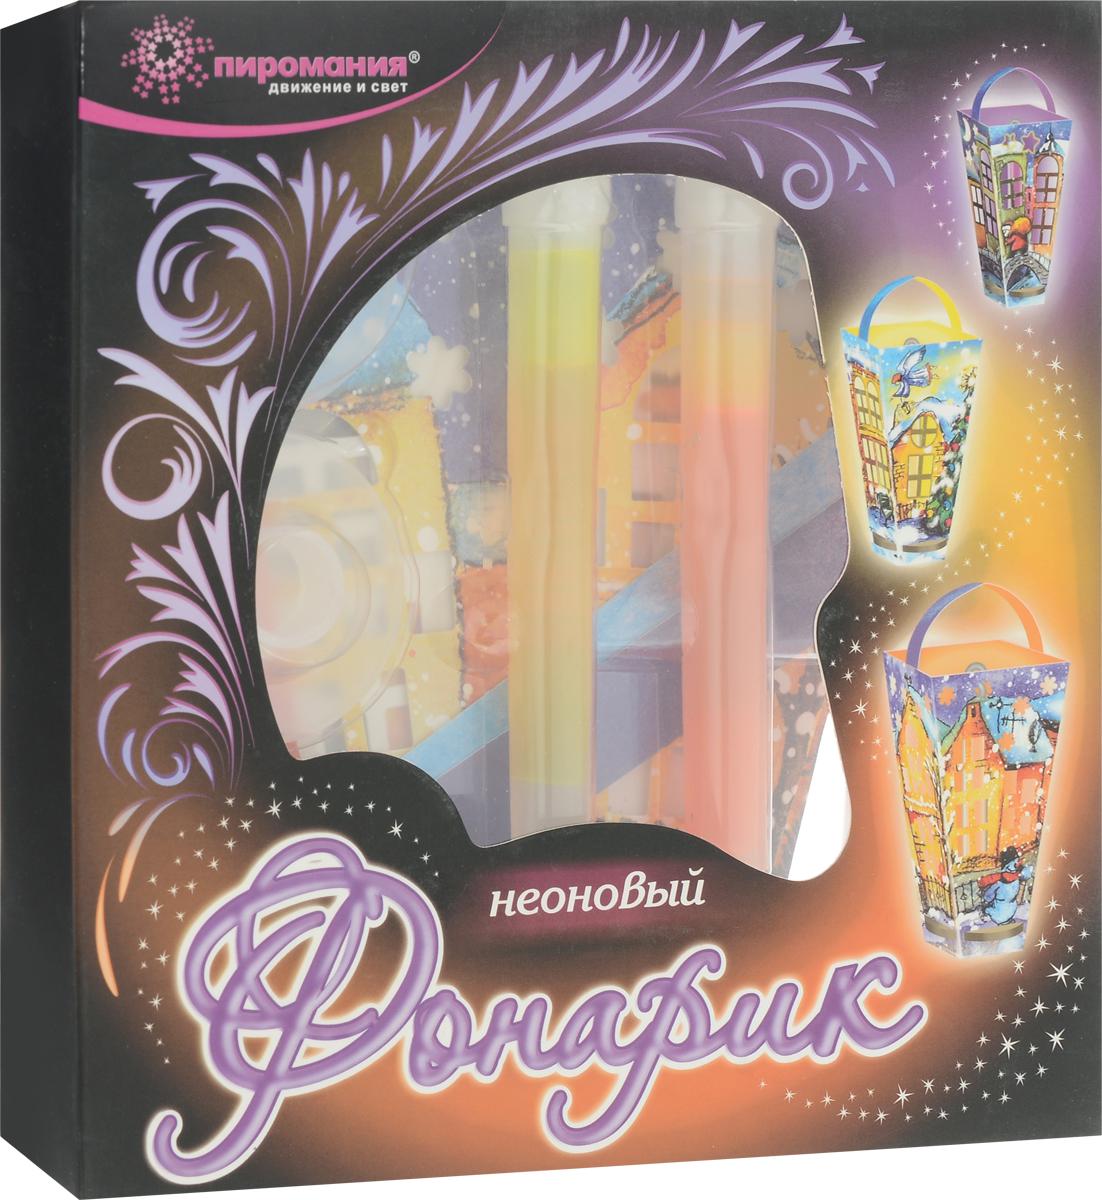 Partymania Декоративный неоновый фонарик цвет желтый розовый 3 шт -  Аксессуары для детского праздника